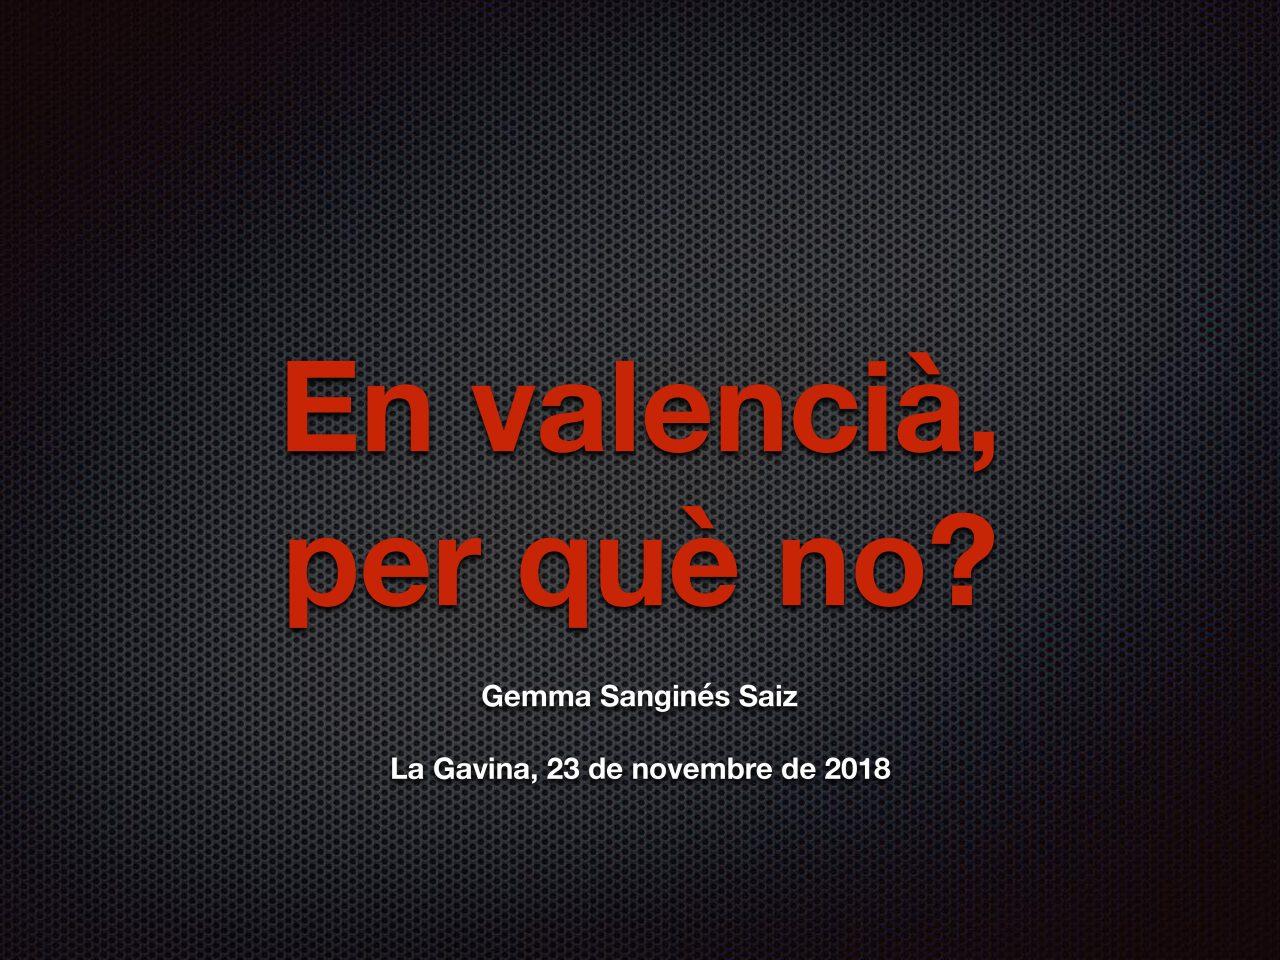 En valencià, per què no?